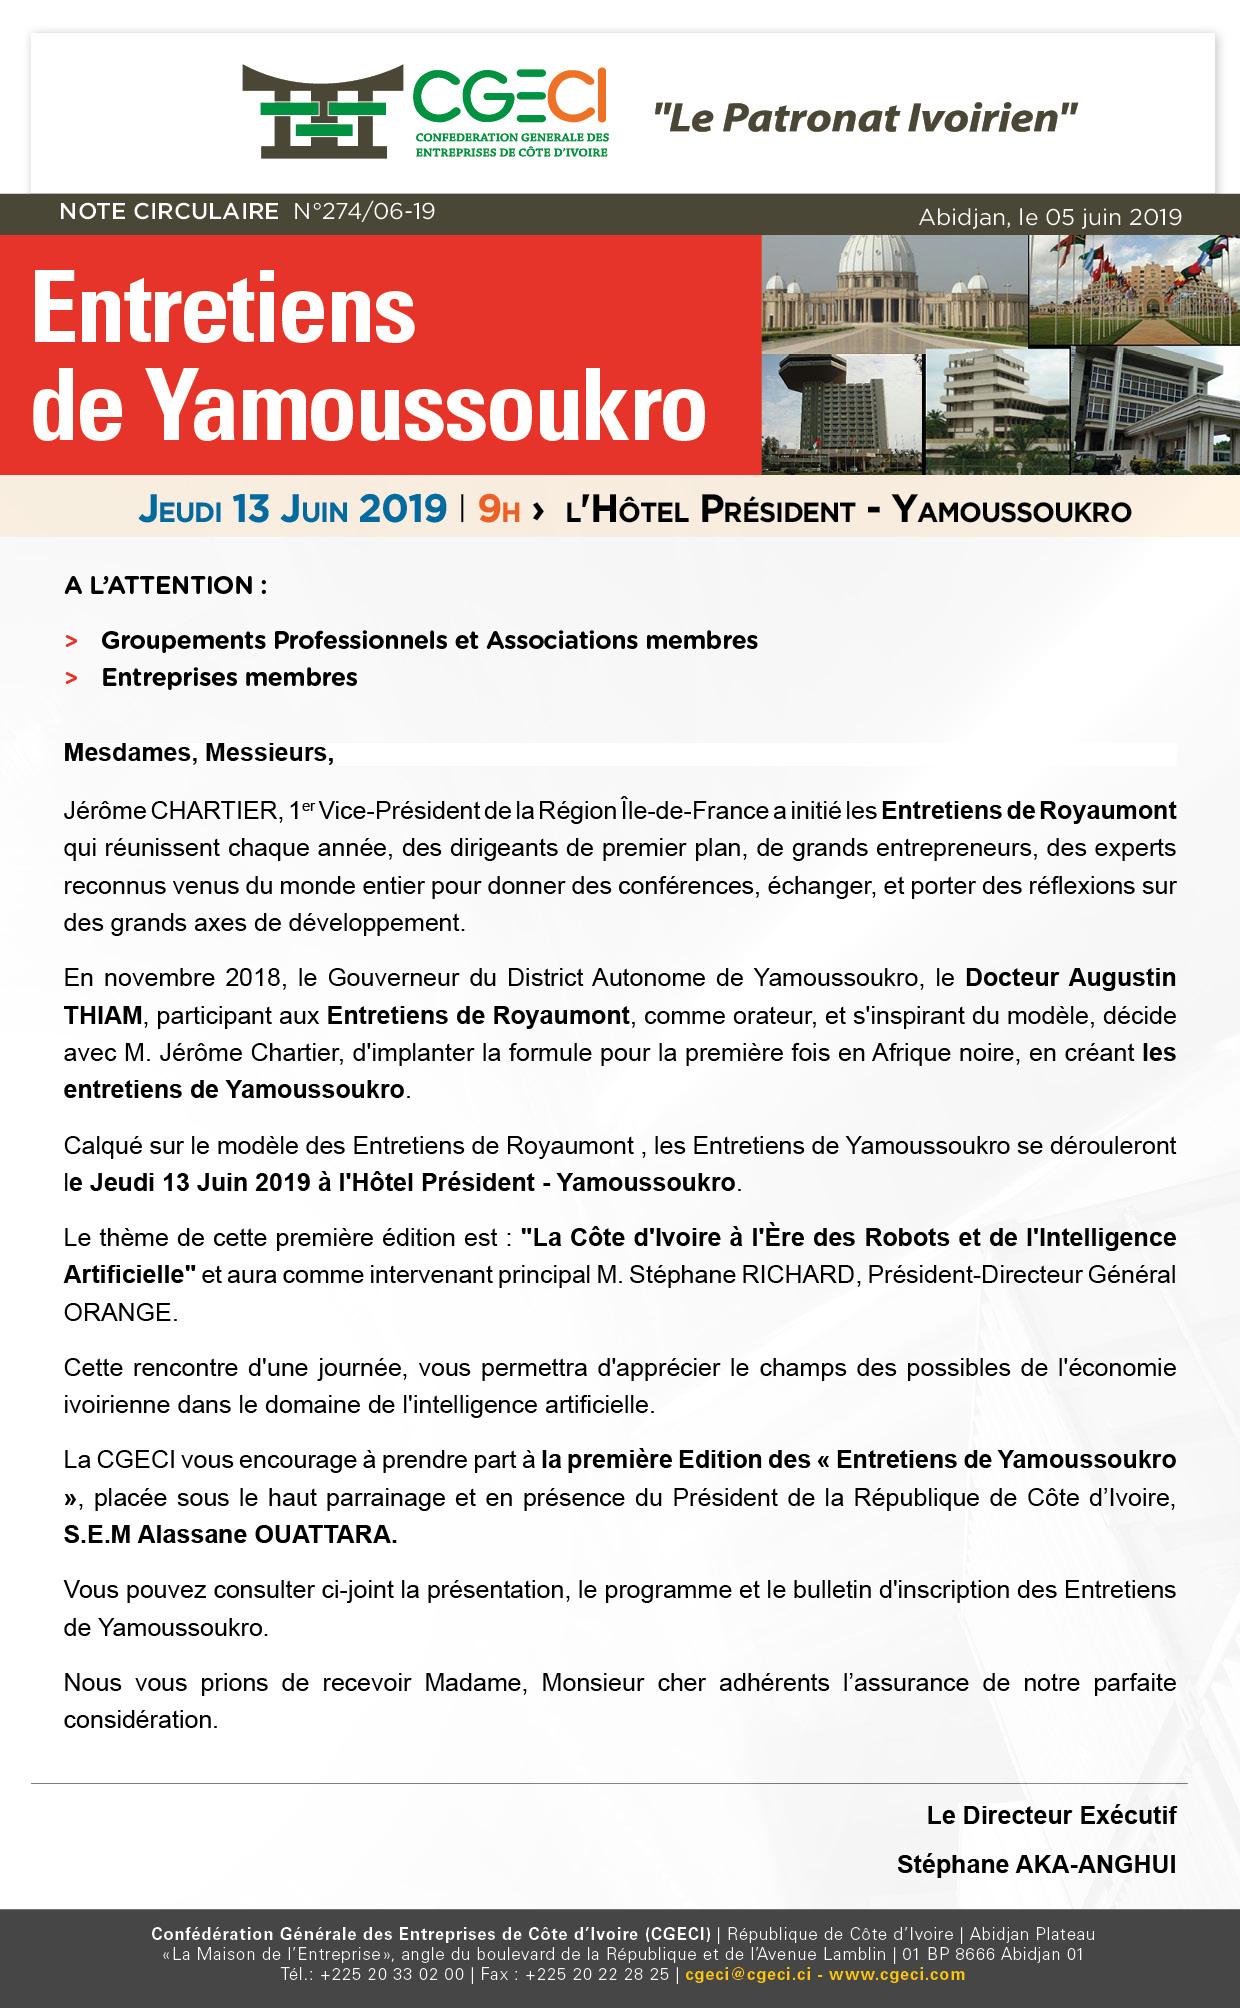 Les «Entretiens de Yamoussoukro»